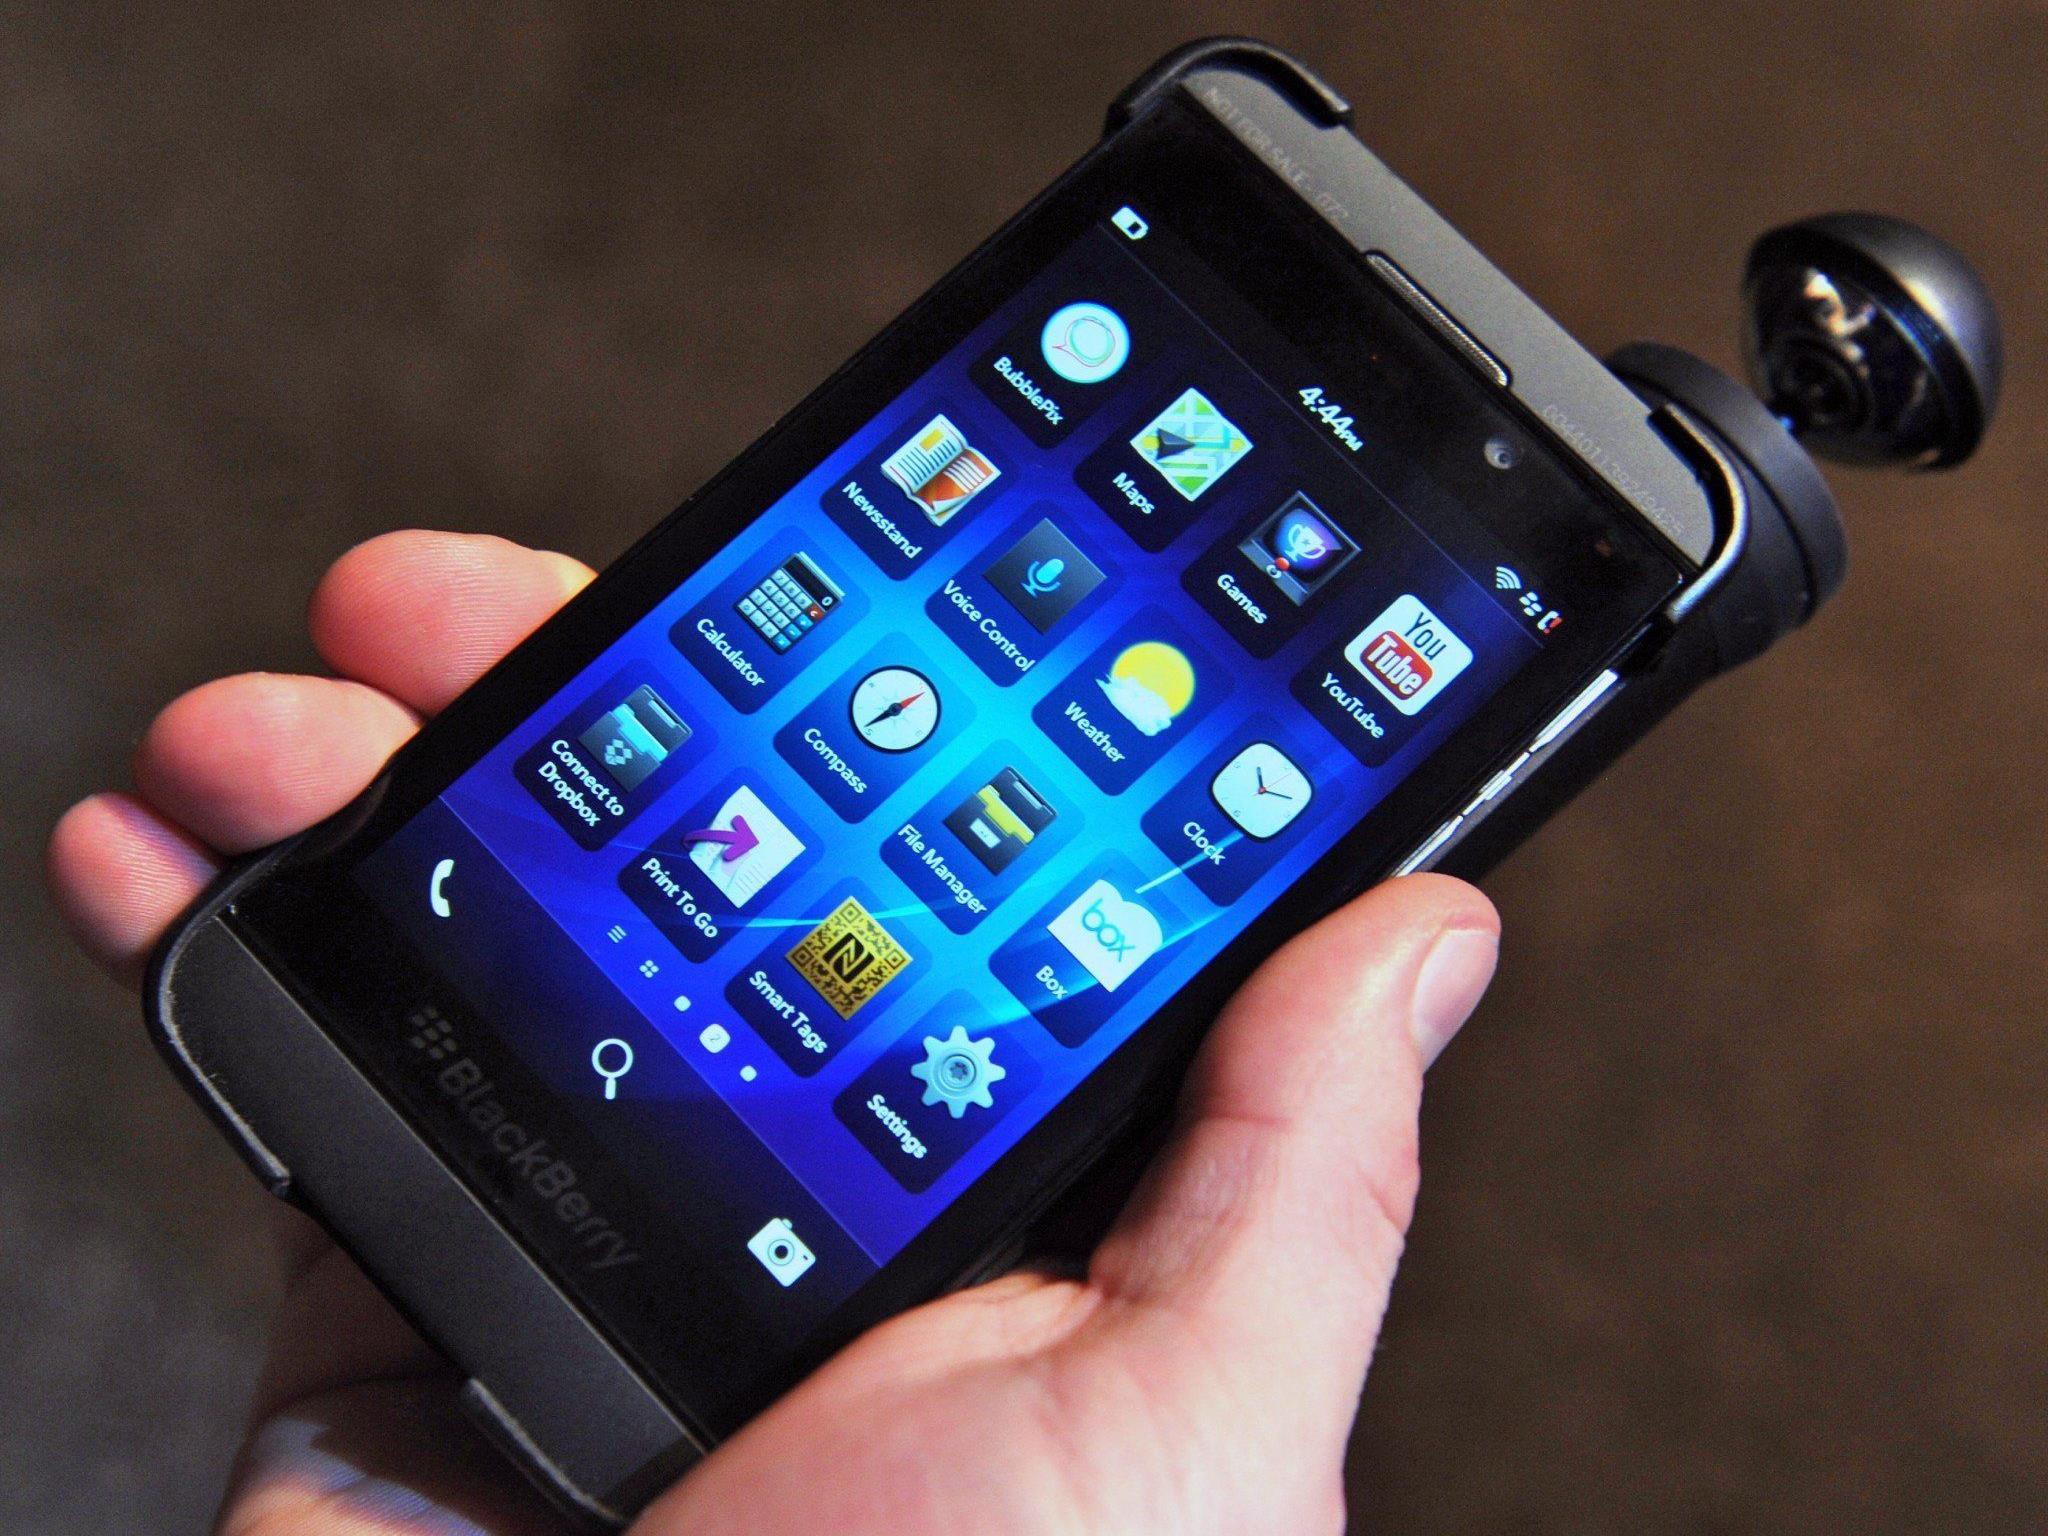 Sondergremium spielt beim kanadischen Smartphone-Pionier verschiedene Optionen durch.